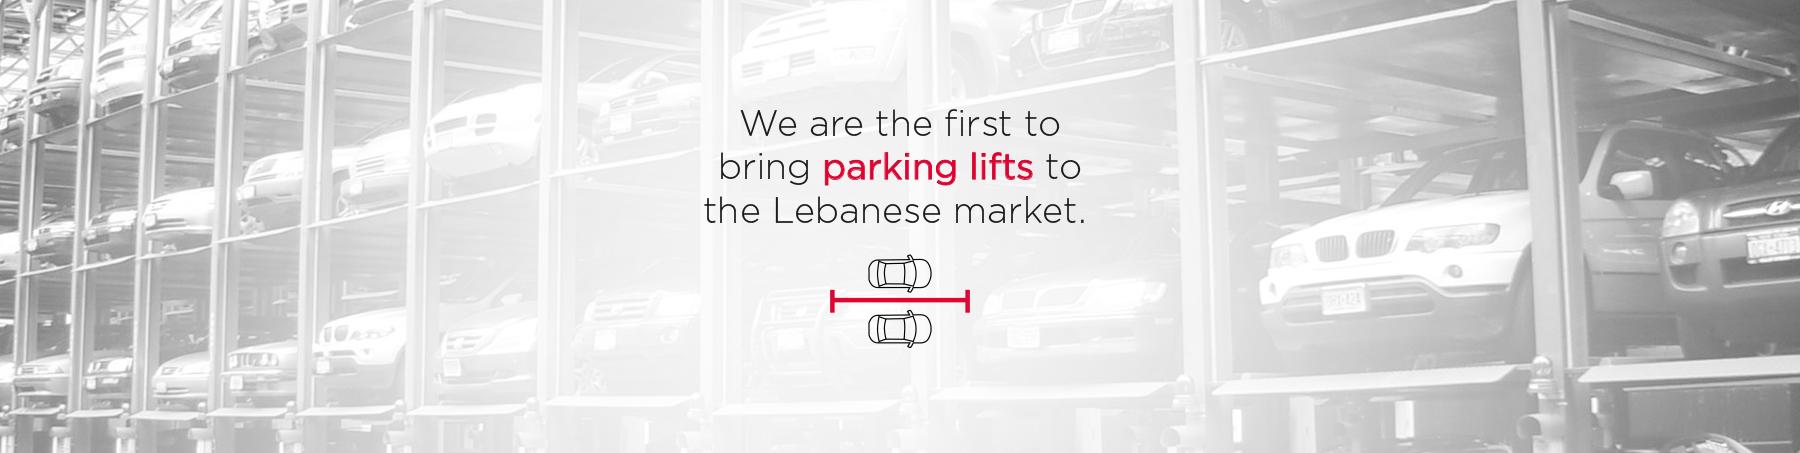 parking lift design in lebanon